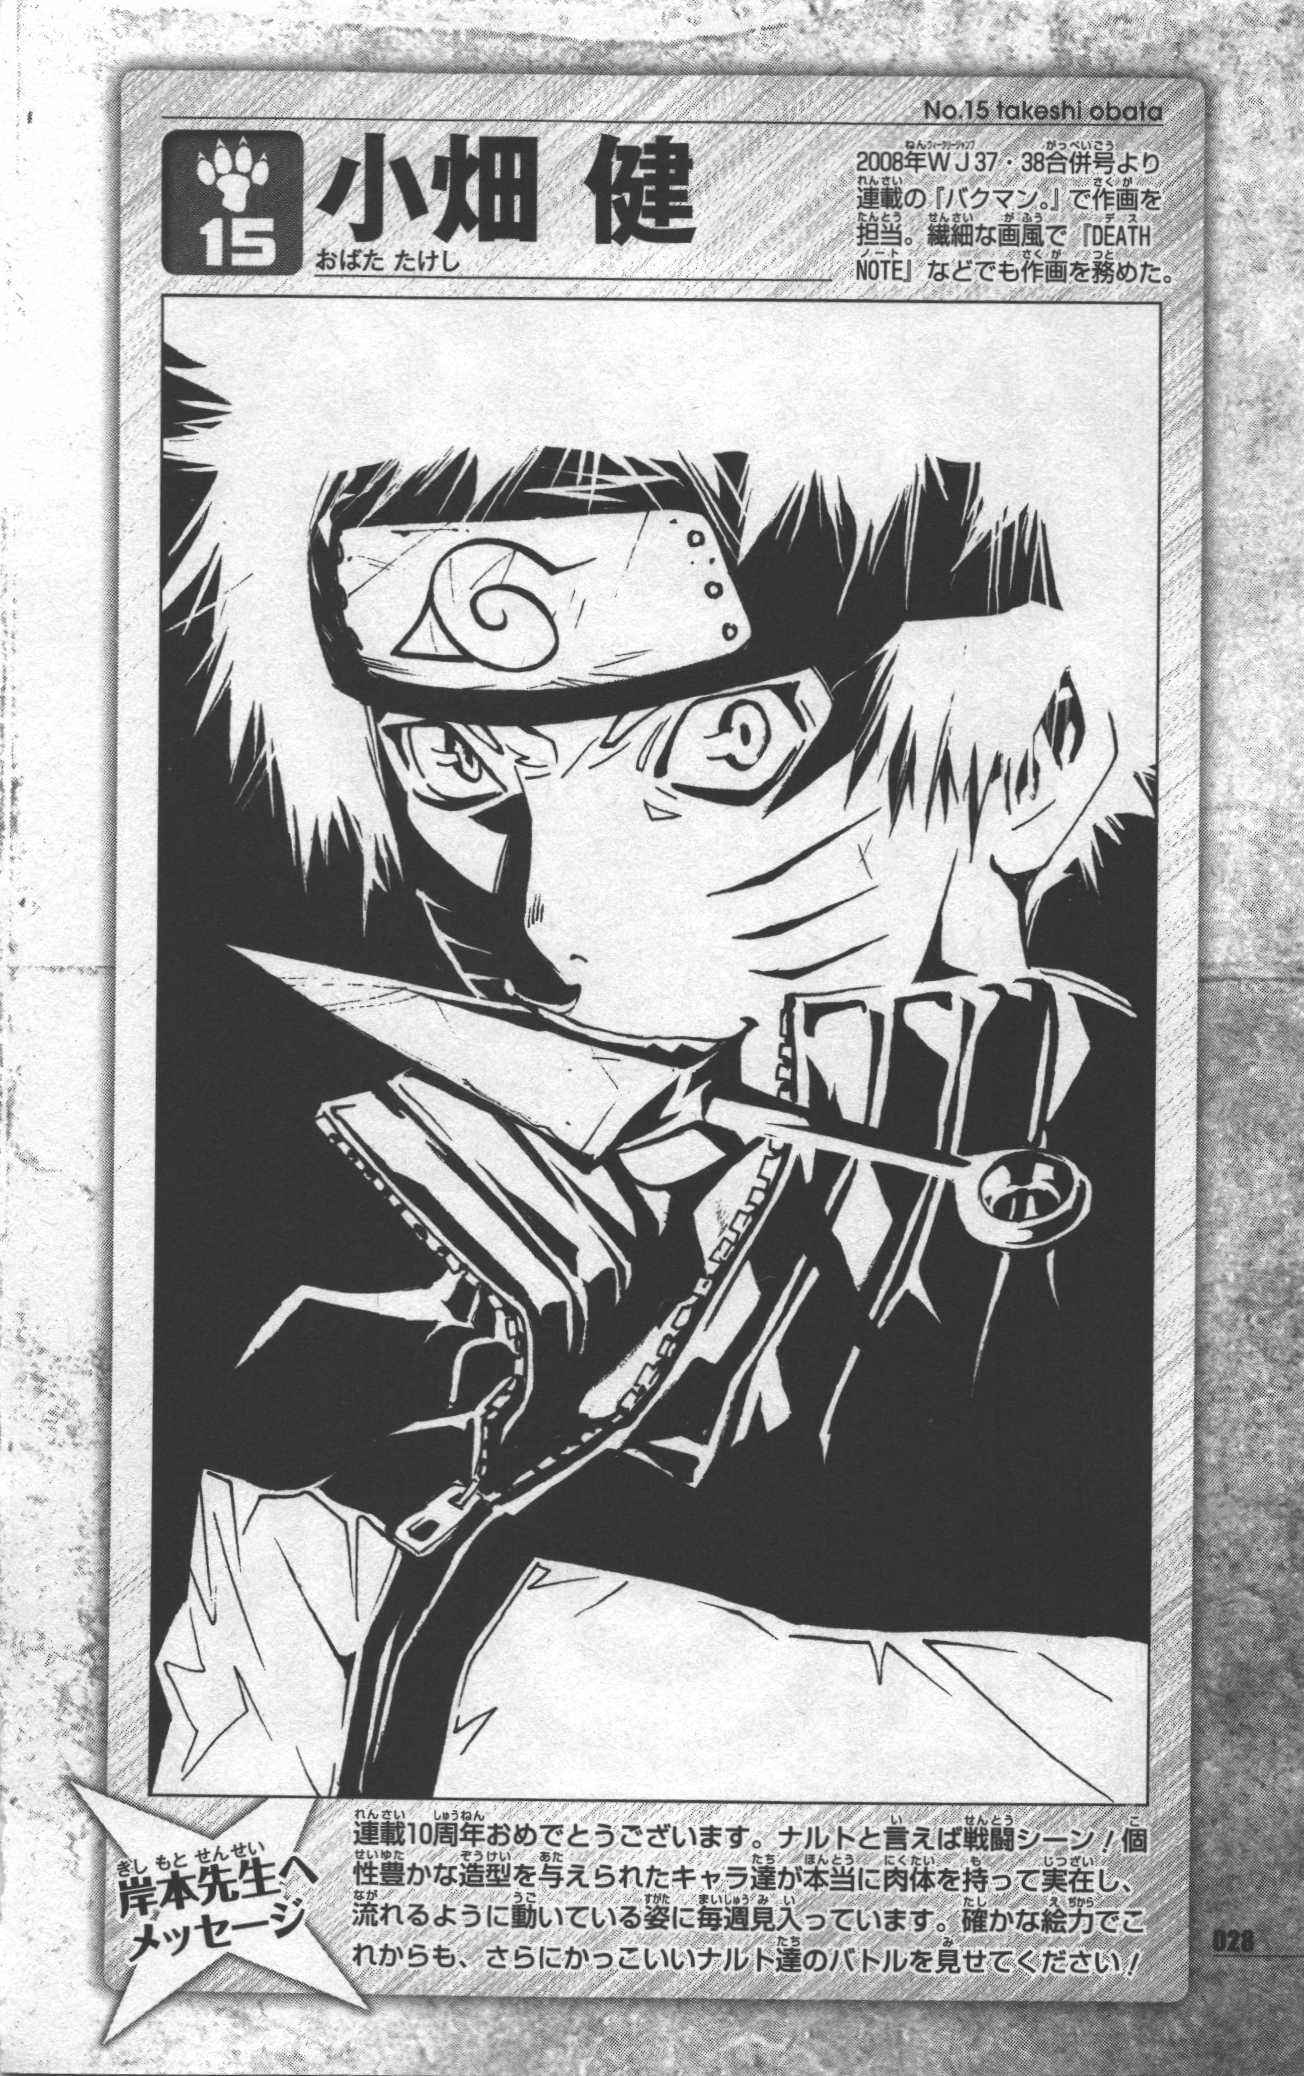 Drawn naruto hirohiko araki Talk dbz Obata Takeshi Anime